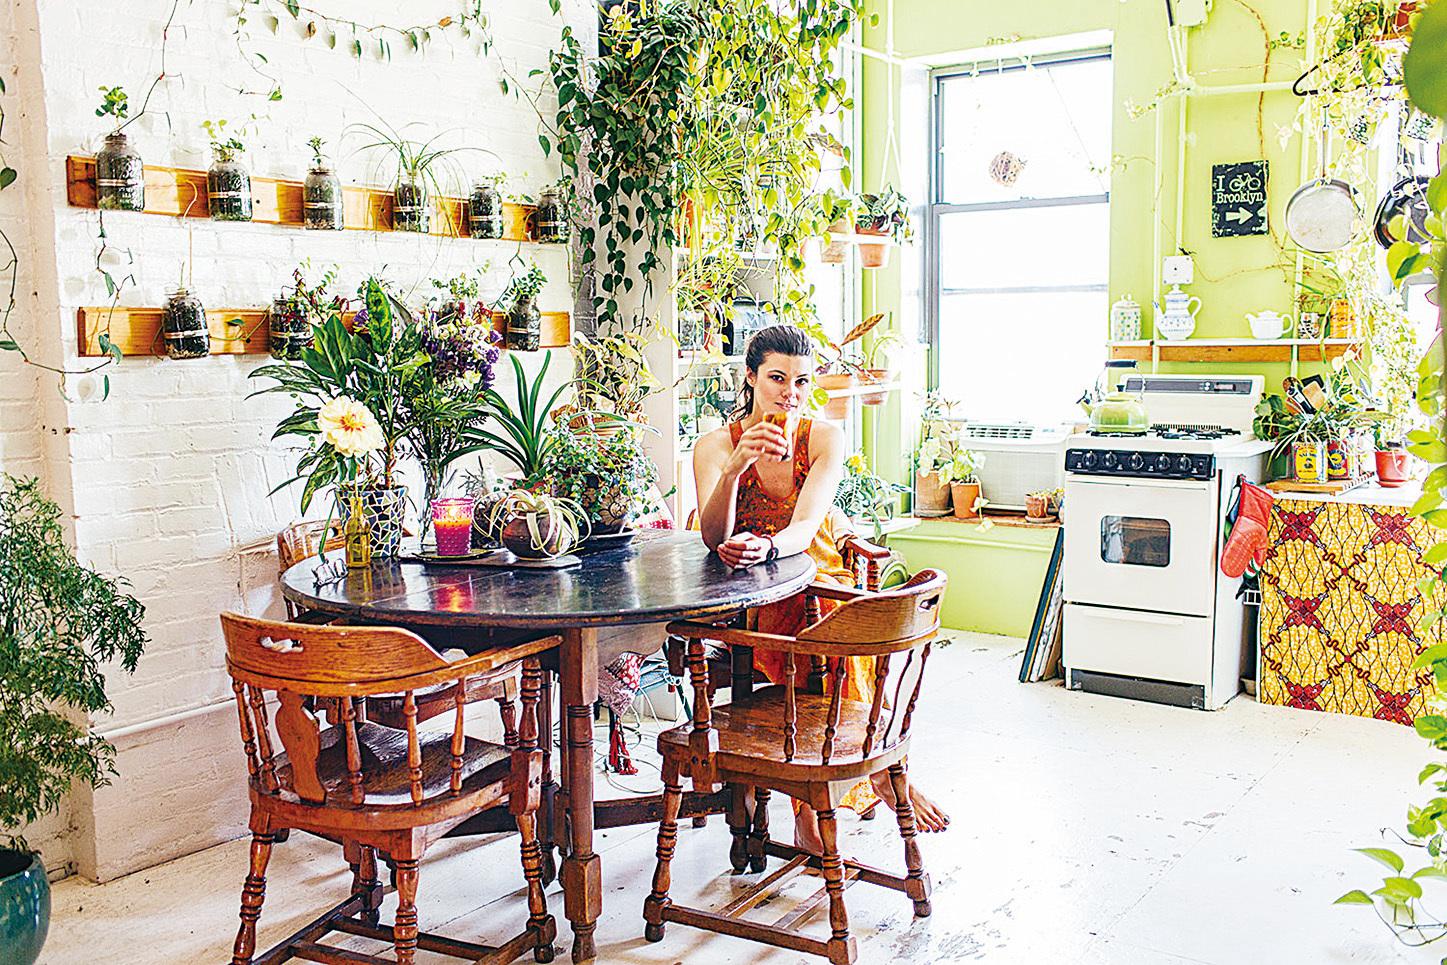 歐克思在自家廚房。(網絡圖片)